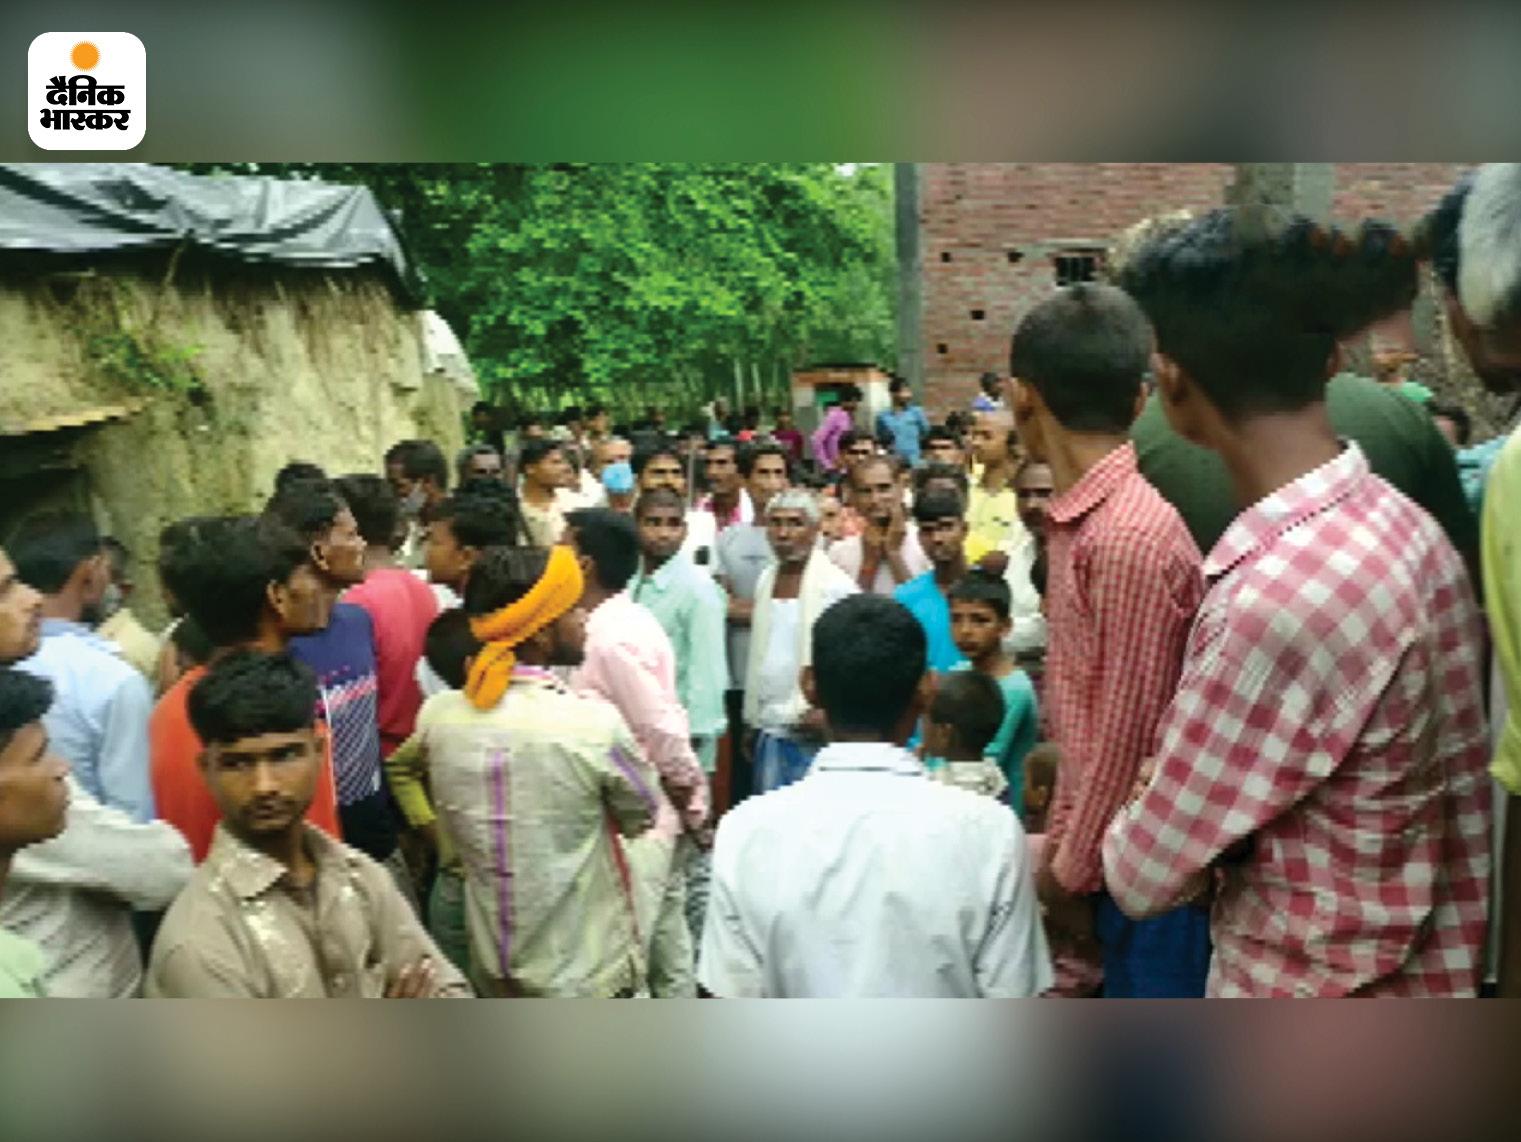 घटना मानपुर थाना क्षेत्र के लक्ष्मणपुर गांव की है।